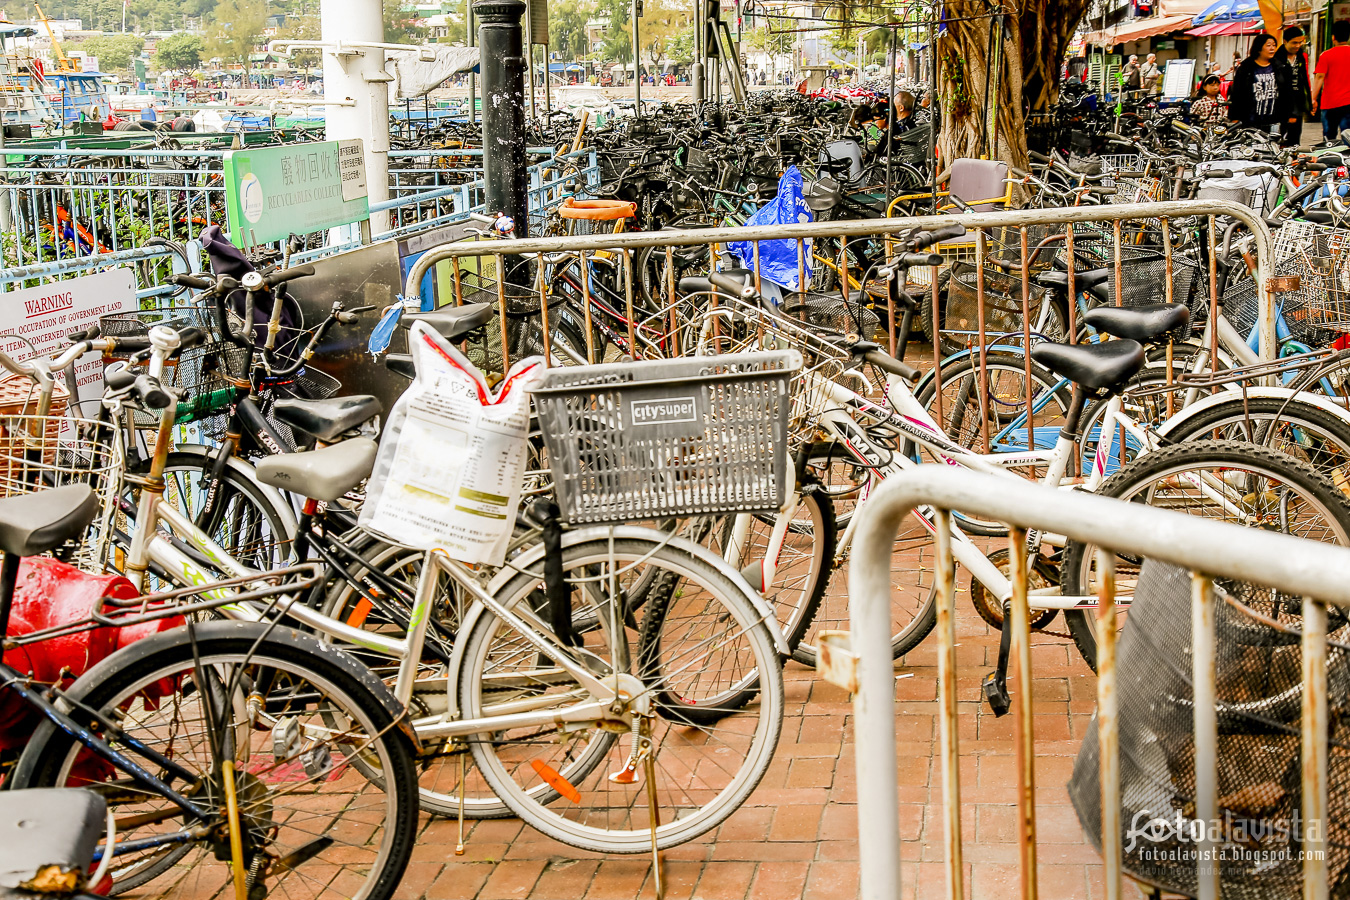 Ocupación de bicicletas - Fotografía artística